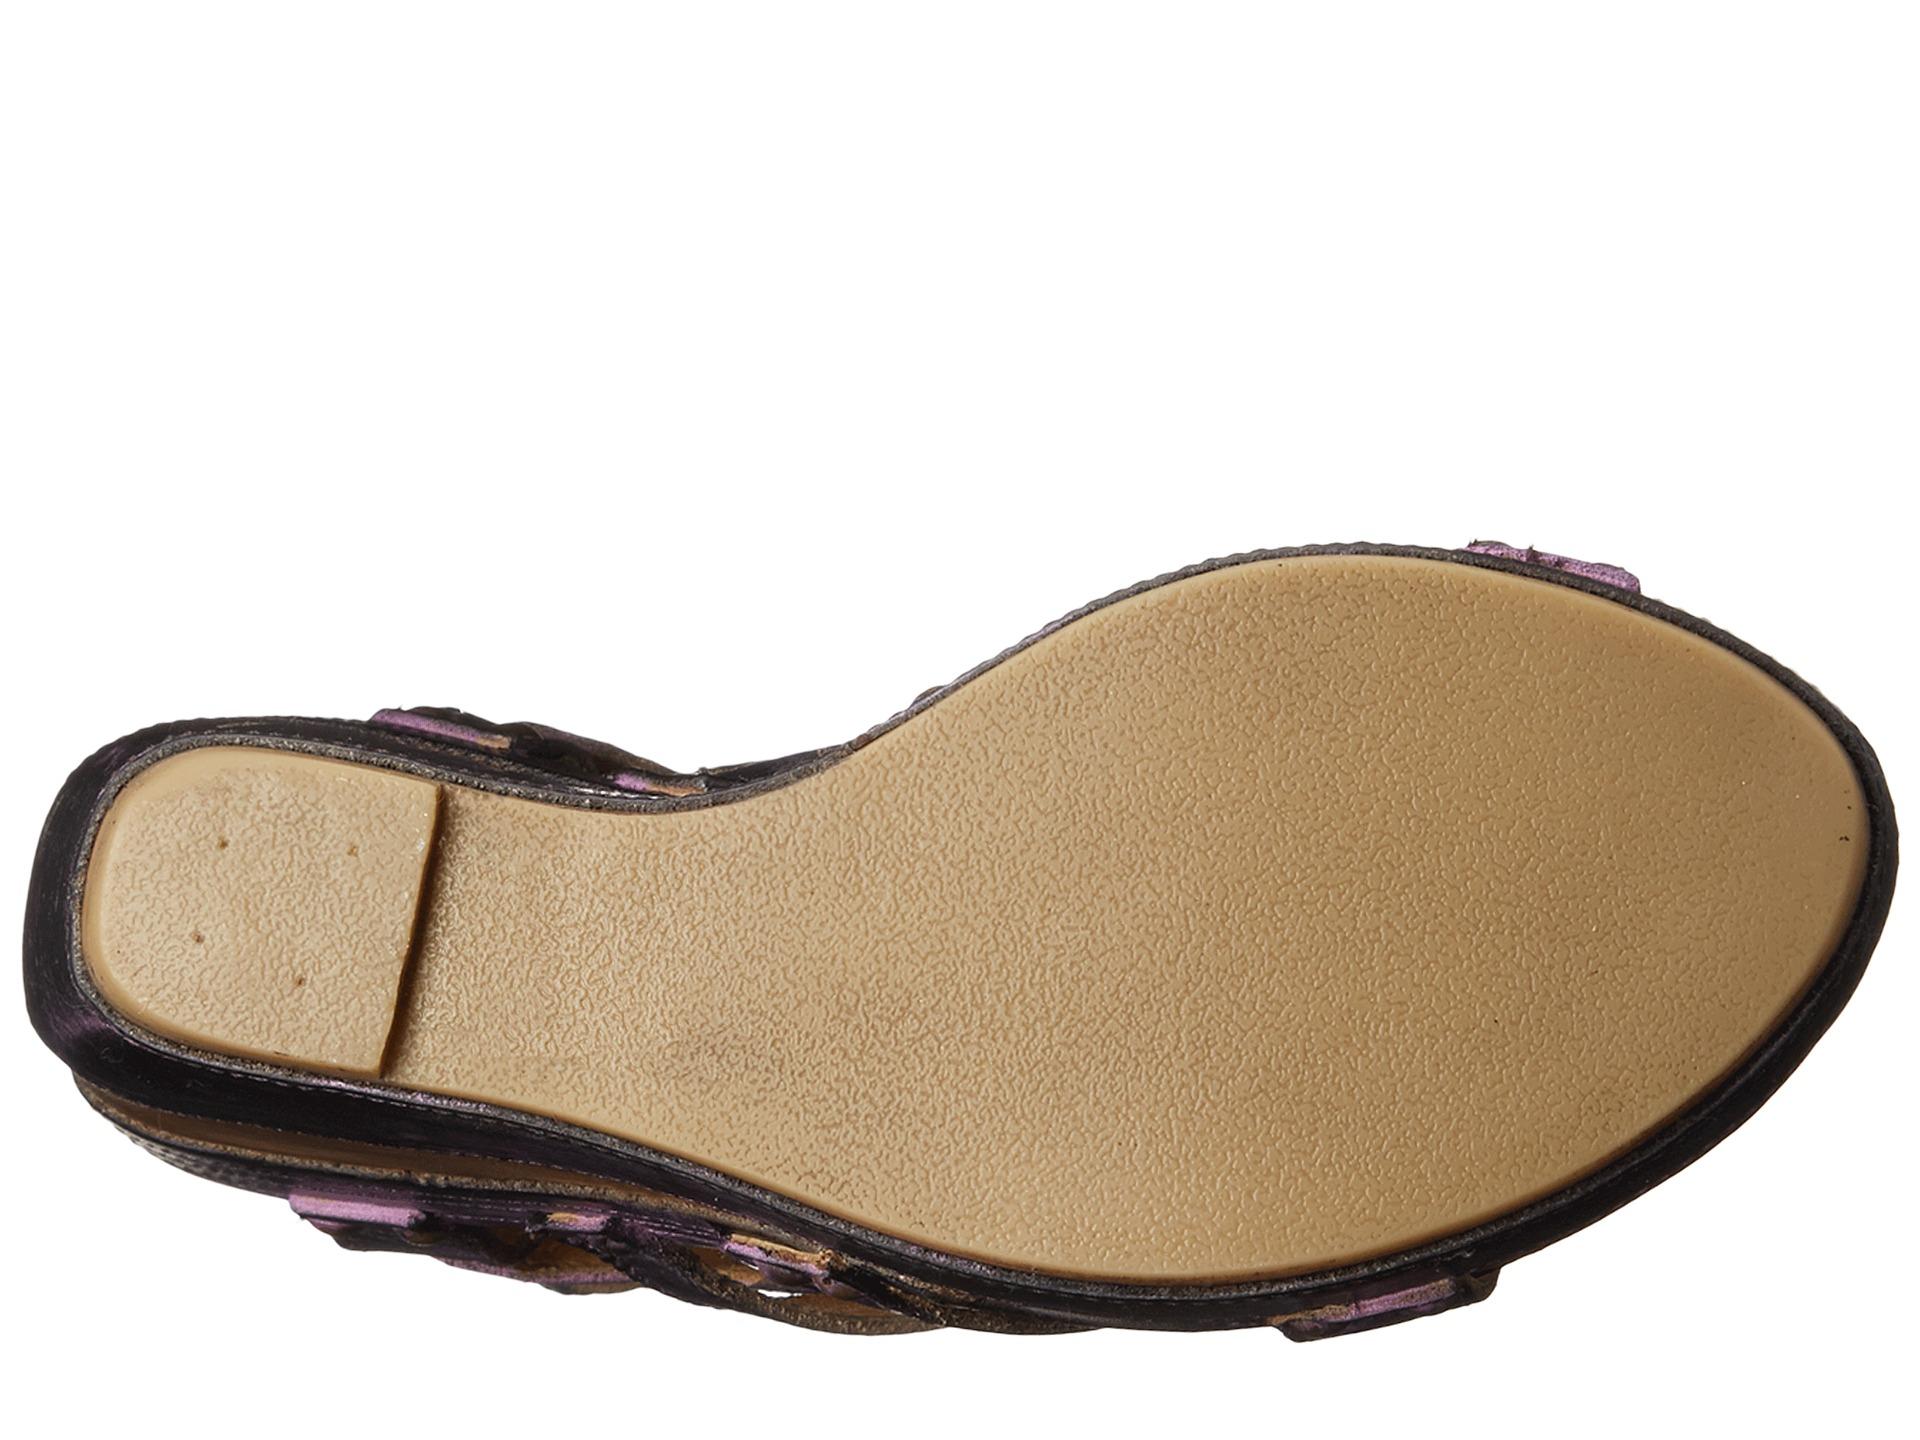 Bed Stu Juliana 28 Images Bed Stu Juliana Wedge Sandals In Brown Lyst Bed Stu Juliana Wedge